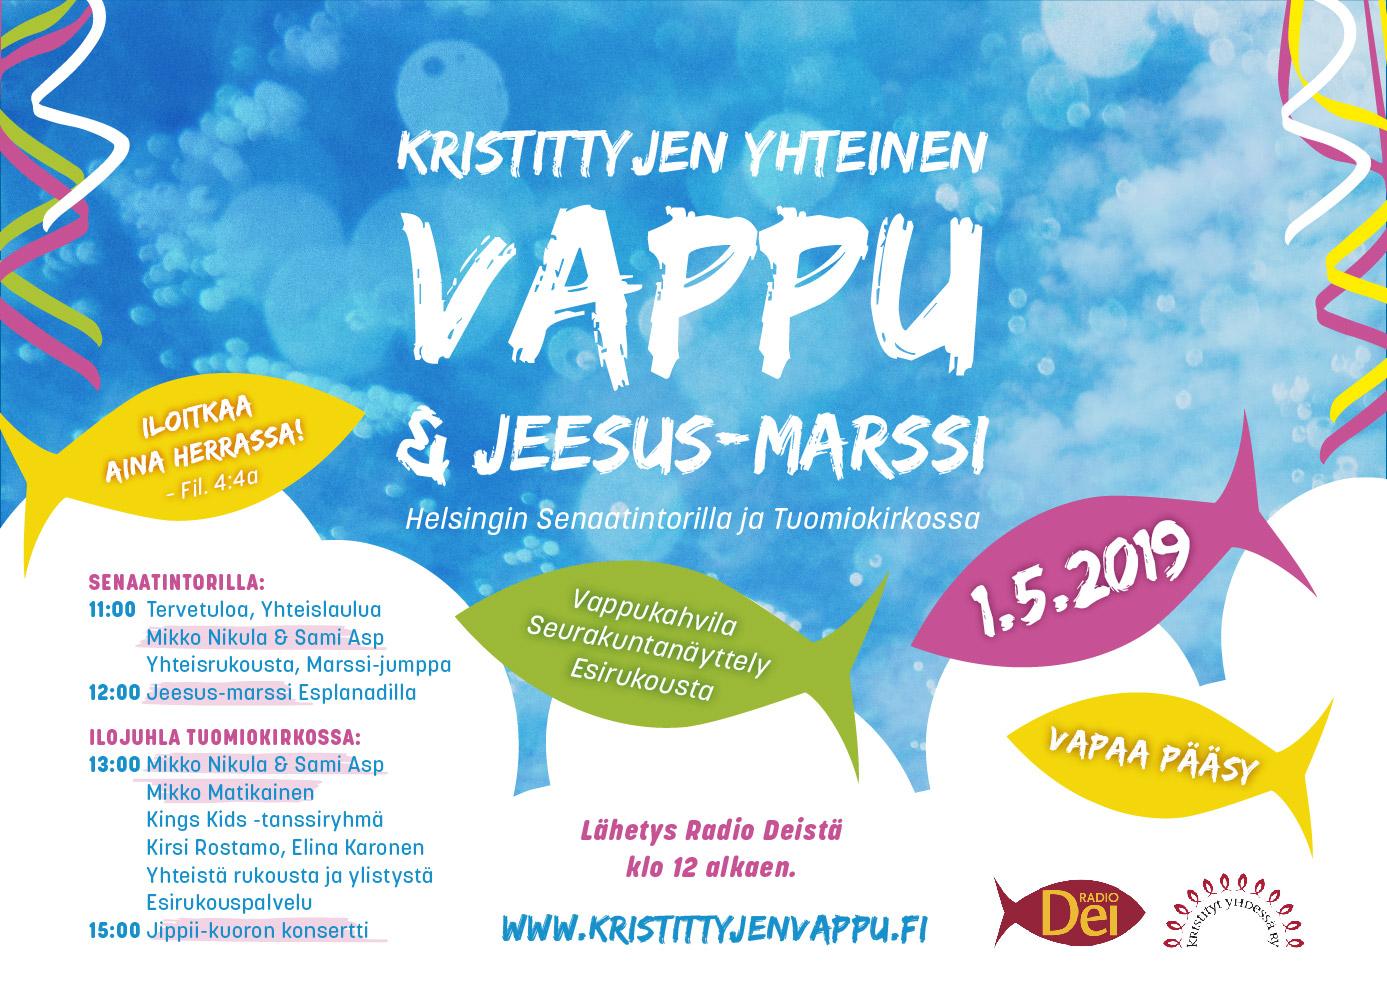 Kristittyjen yhteinen vappu & Jeesus-marssi